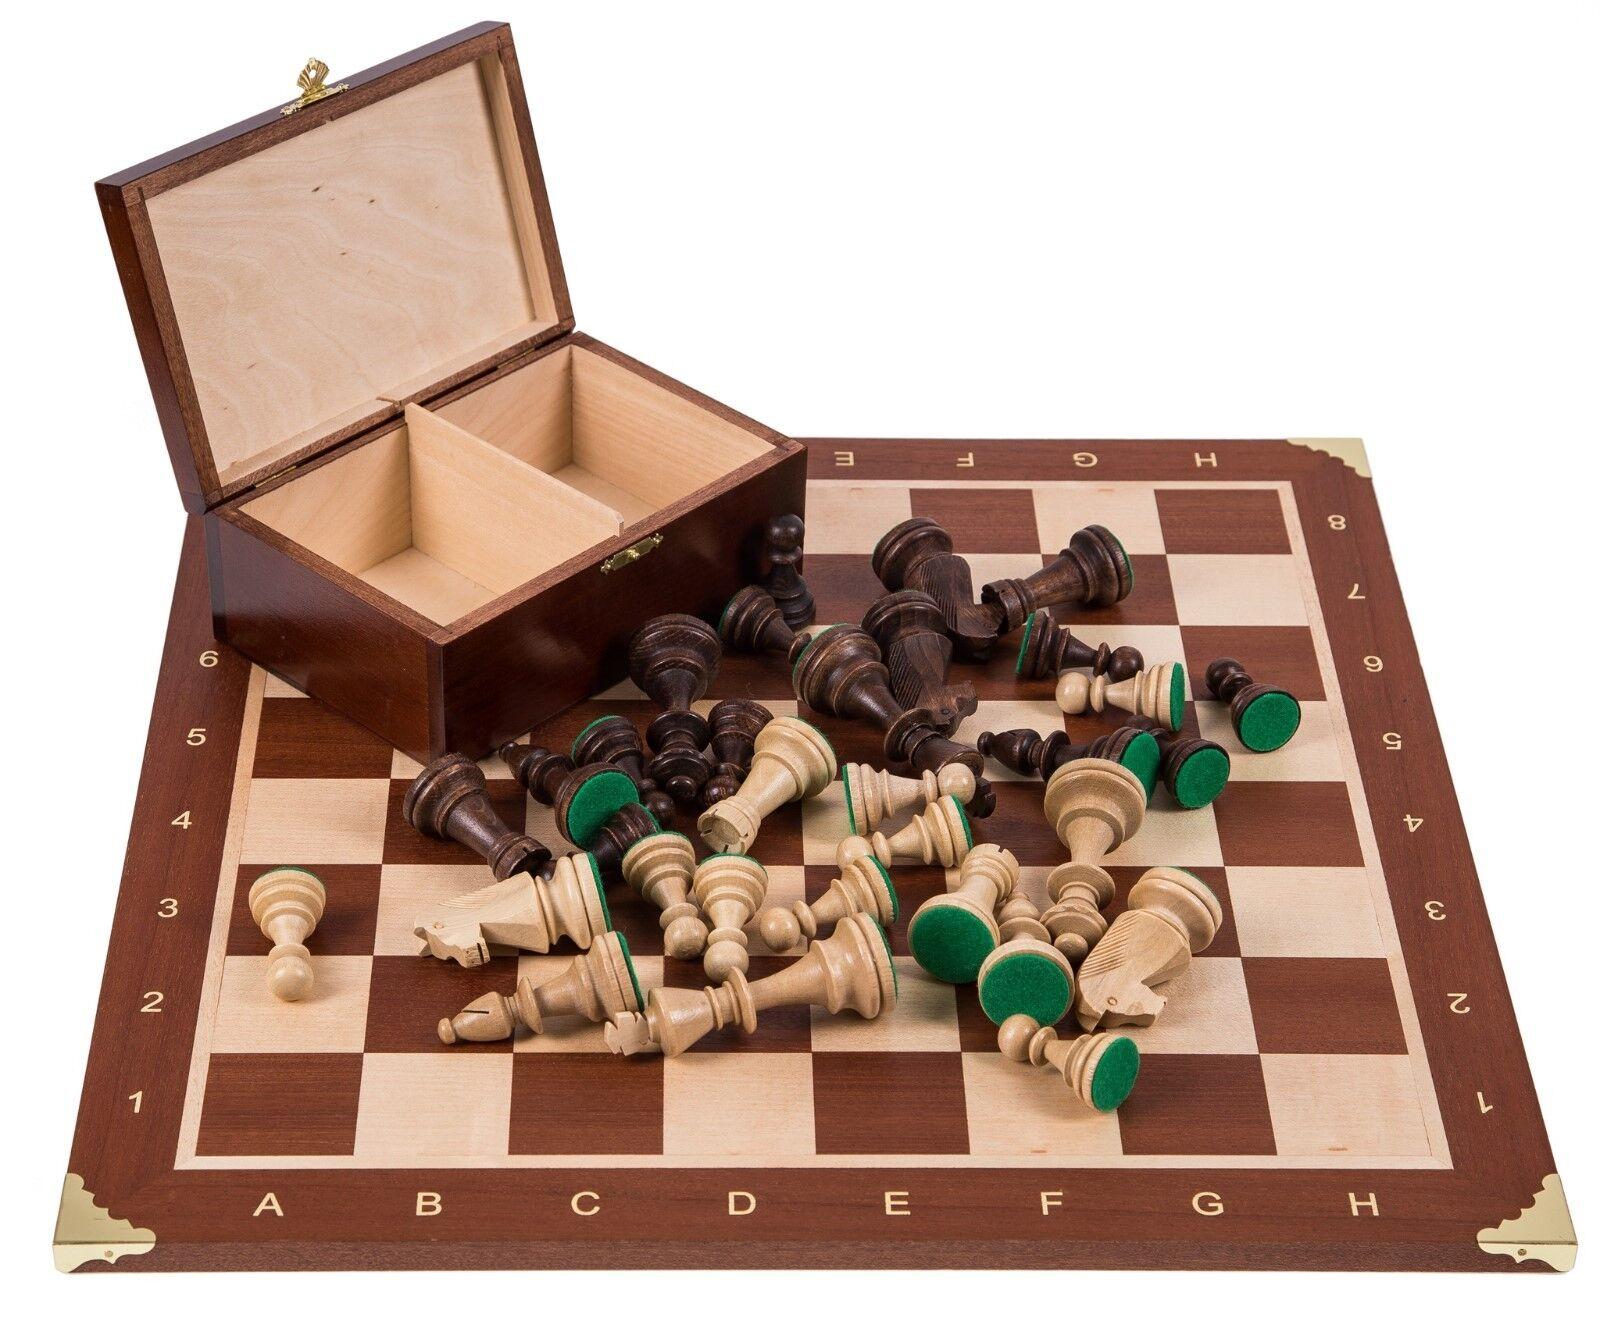 Square-pro De Madera Juego De Ajedrez Nº 5-Francia-tablero de ajedrez & piezas de ajedrez